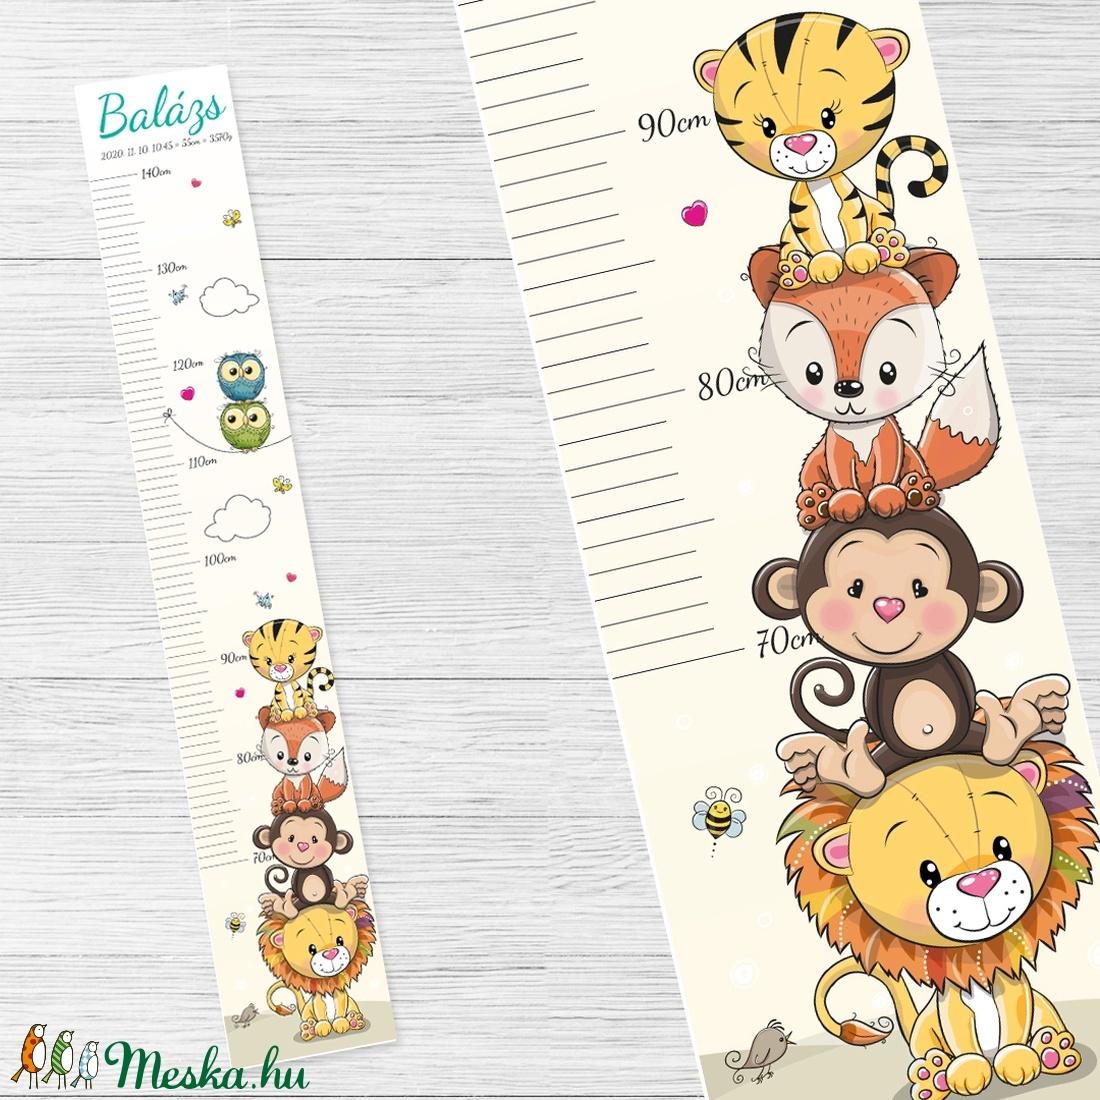 Oroszlán, majom, róka, tigris - egyedi magasságmérő gyerekeknek, akár névre szólóan is, születési adatokkal (mimeecreation) - Meska.hu